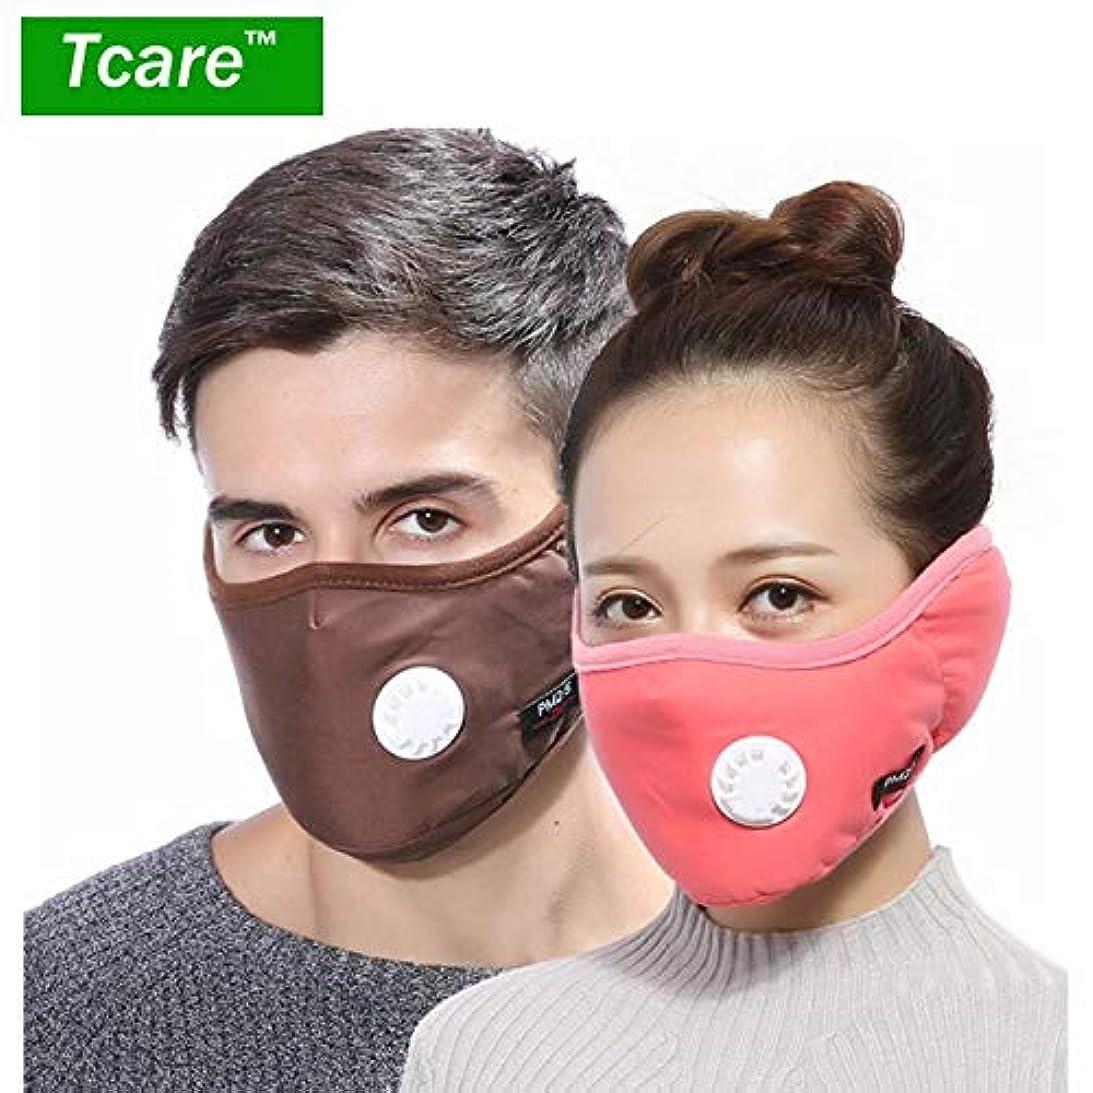 時刻表第九無法者5ブラウン:1枚のPM2.5マスクバルブコットンアンチダスト口マスク冬のイヤーマフActtedフィルター付マスクでTcare 2